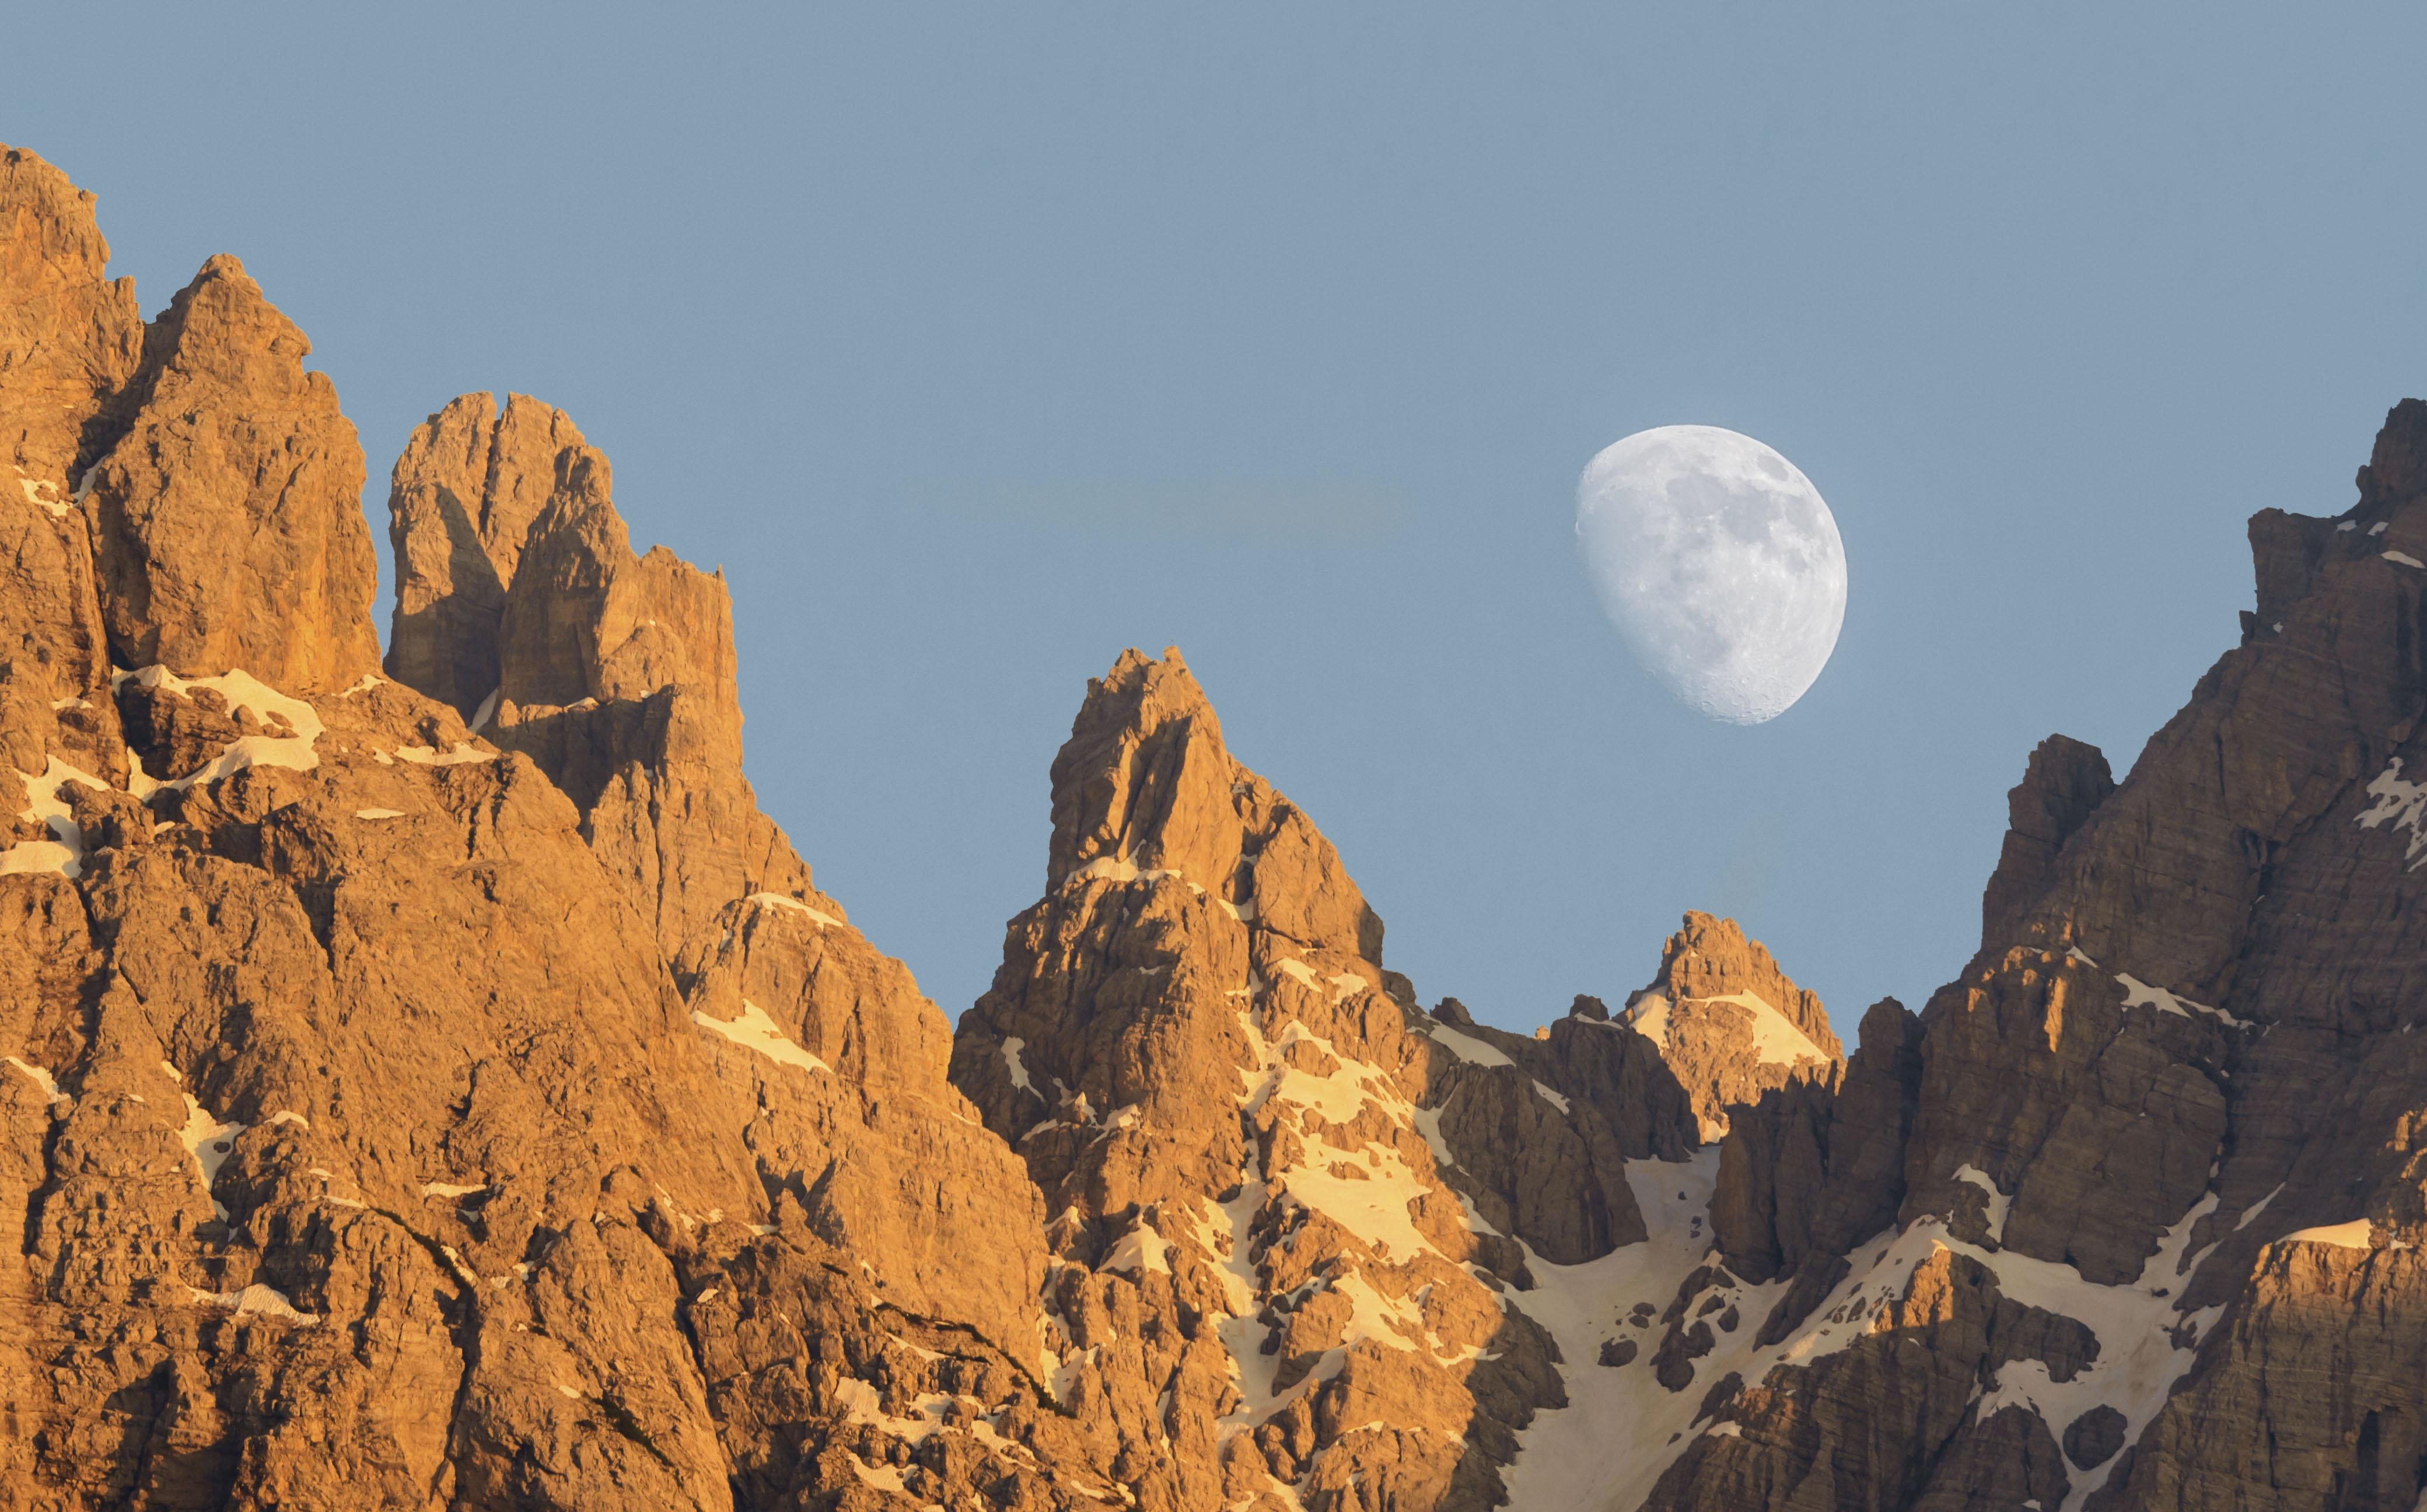 Moon  and Miaron